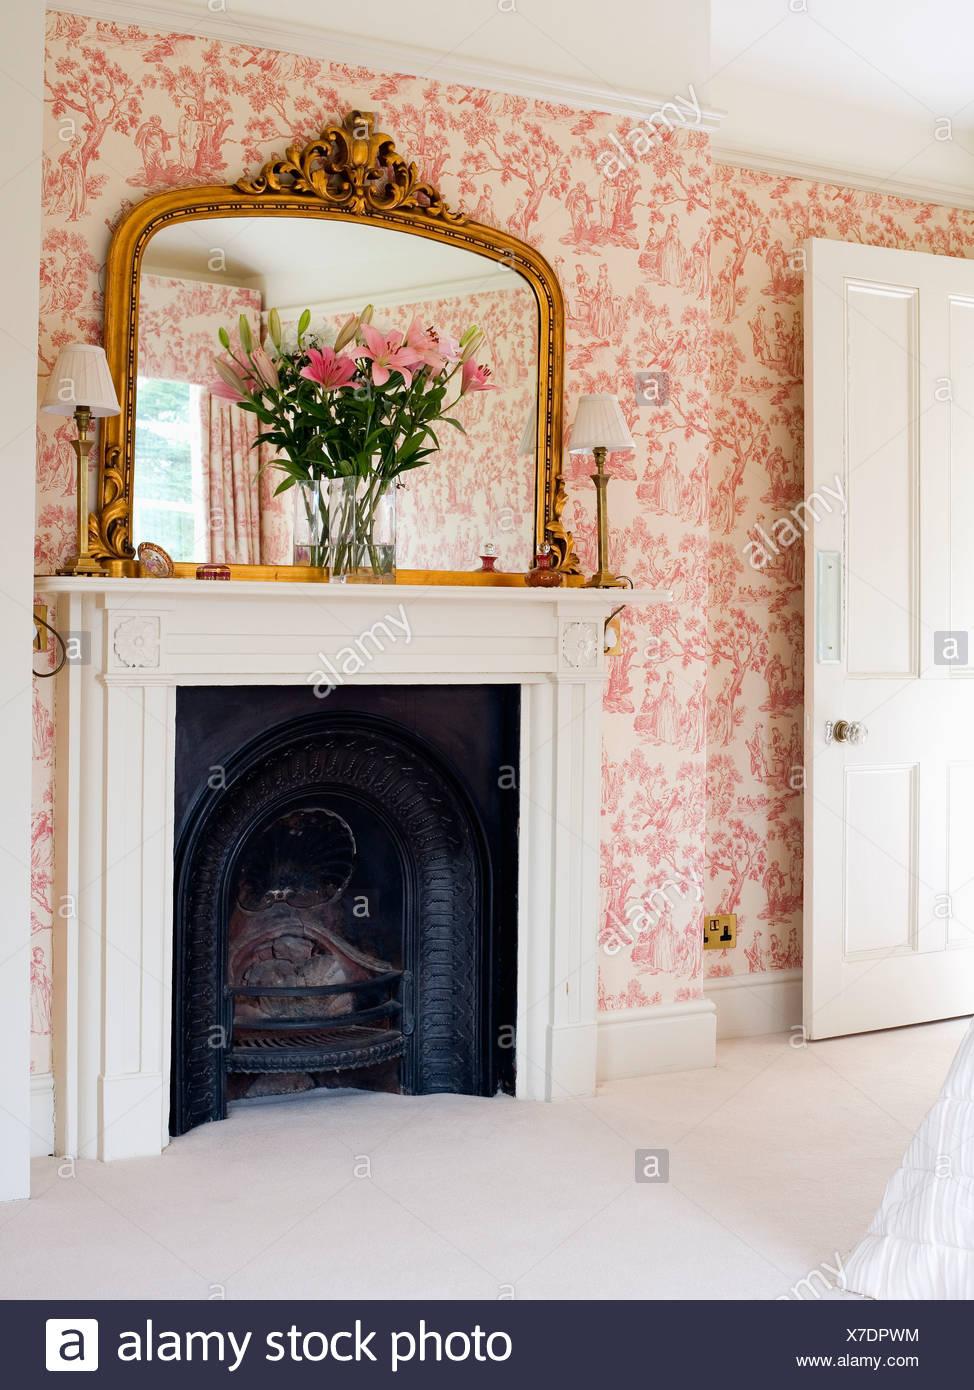 Große vergoldete Spiegel über dem Kamin im Schlafzimmer mit rosa ...